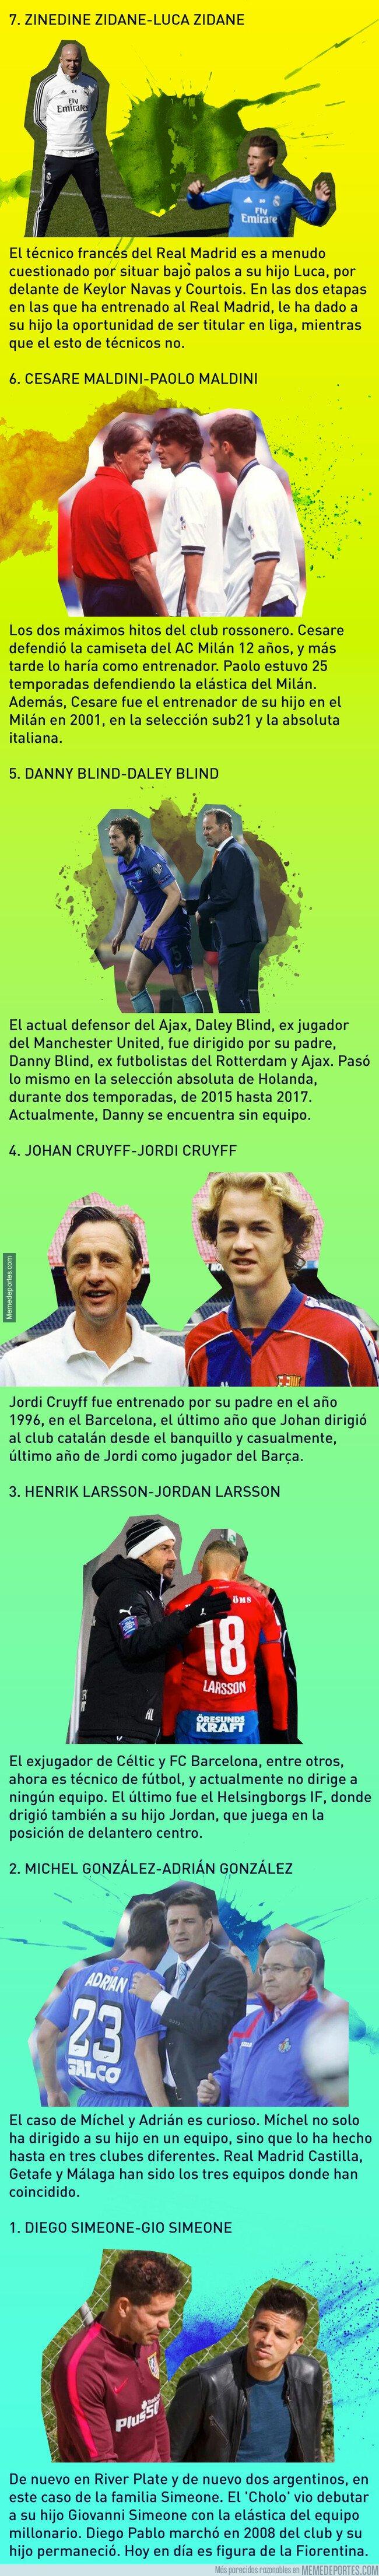 1070067 - Entrenadores de fútbol que enchufaron a sus hijos a jugar en sus equipos